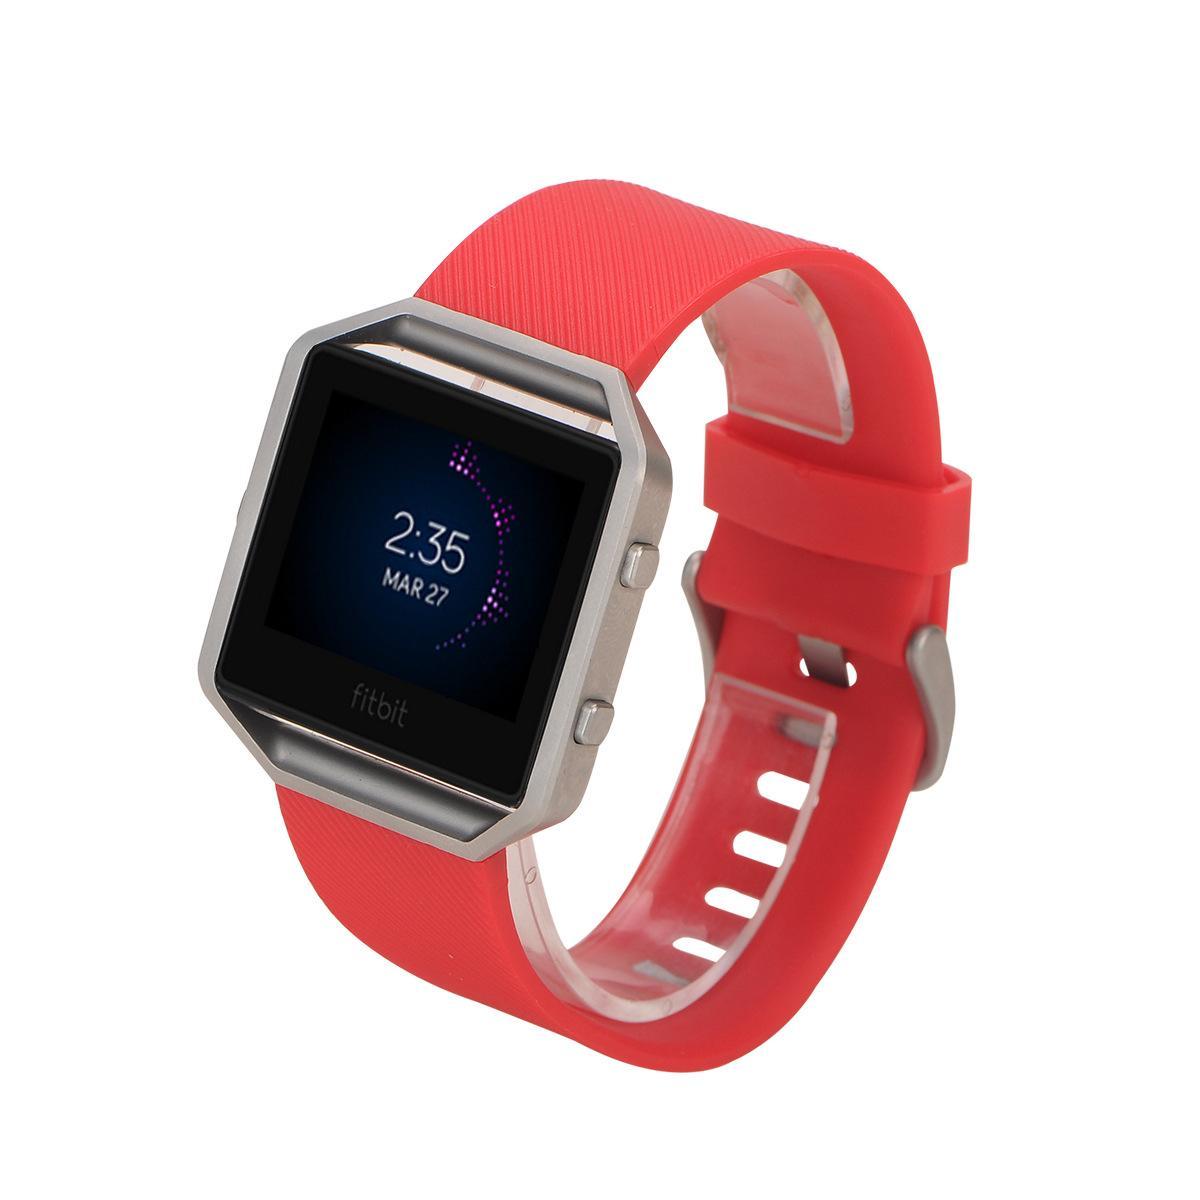 Cinturino in silicone più economico Fitbit Blaze Smart Fitness cinturino cinturino a sgancio rapido Loop cinturino da polso Bracciale